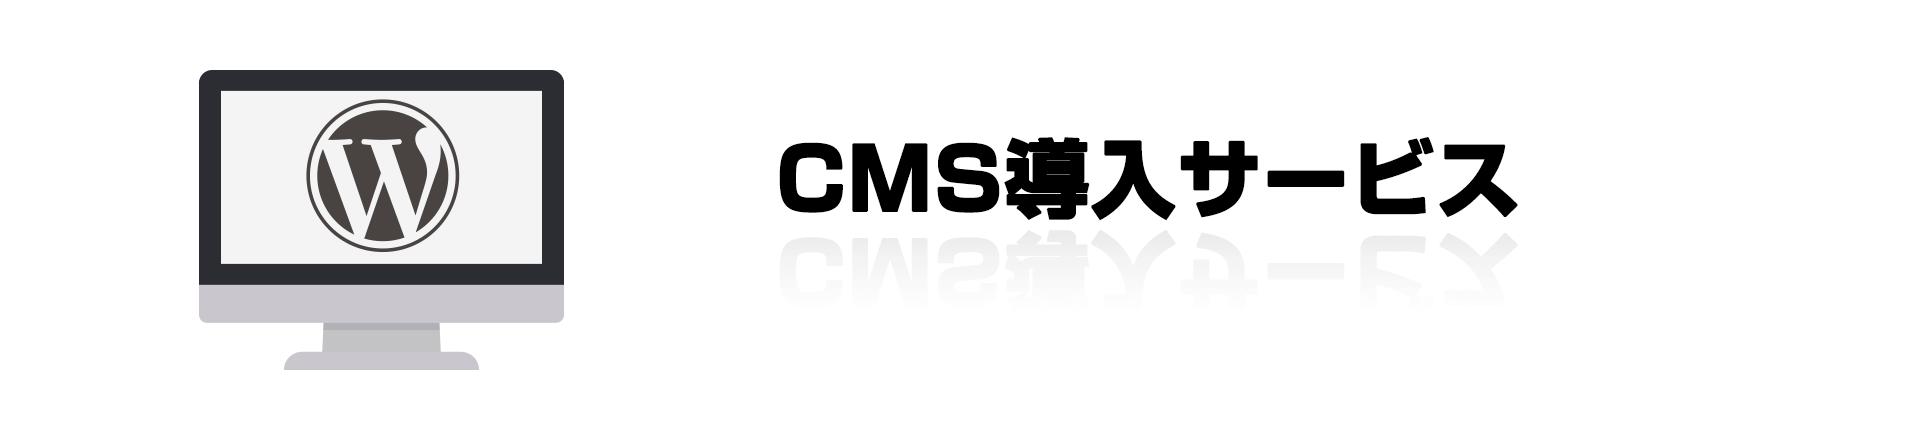 CMS導入サービス